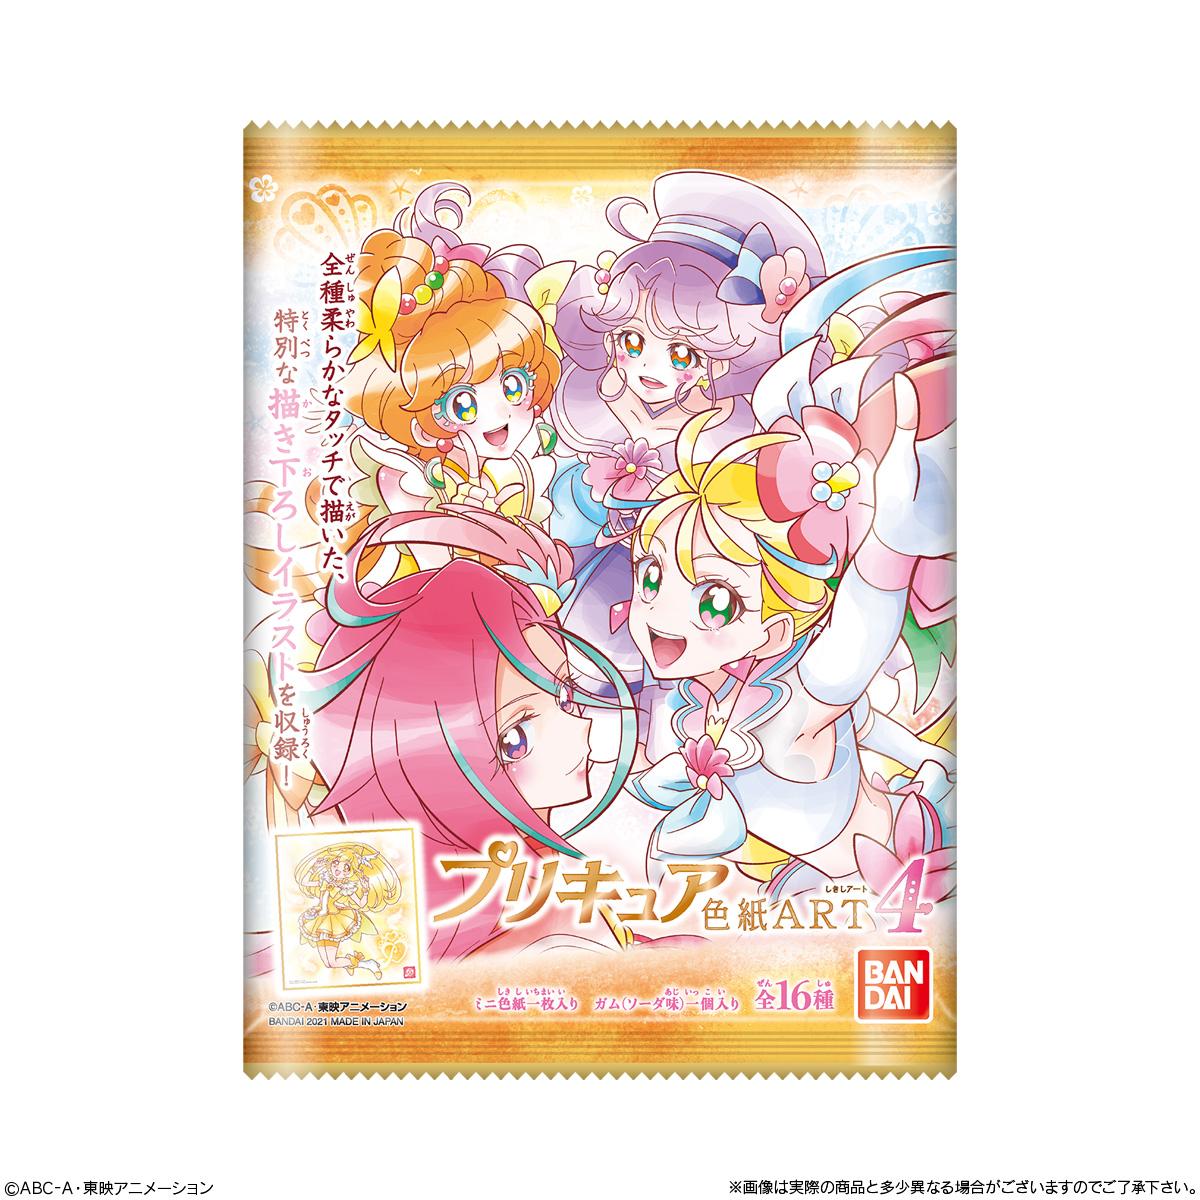 【食玩】プリキュア『プリキュア色紙ART4』10個入りBOX-008